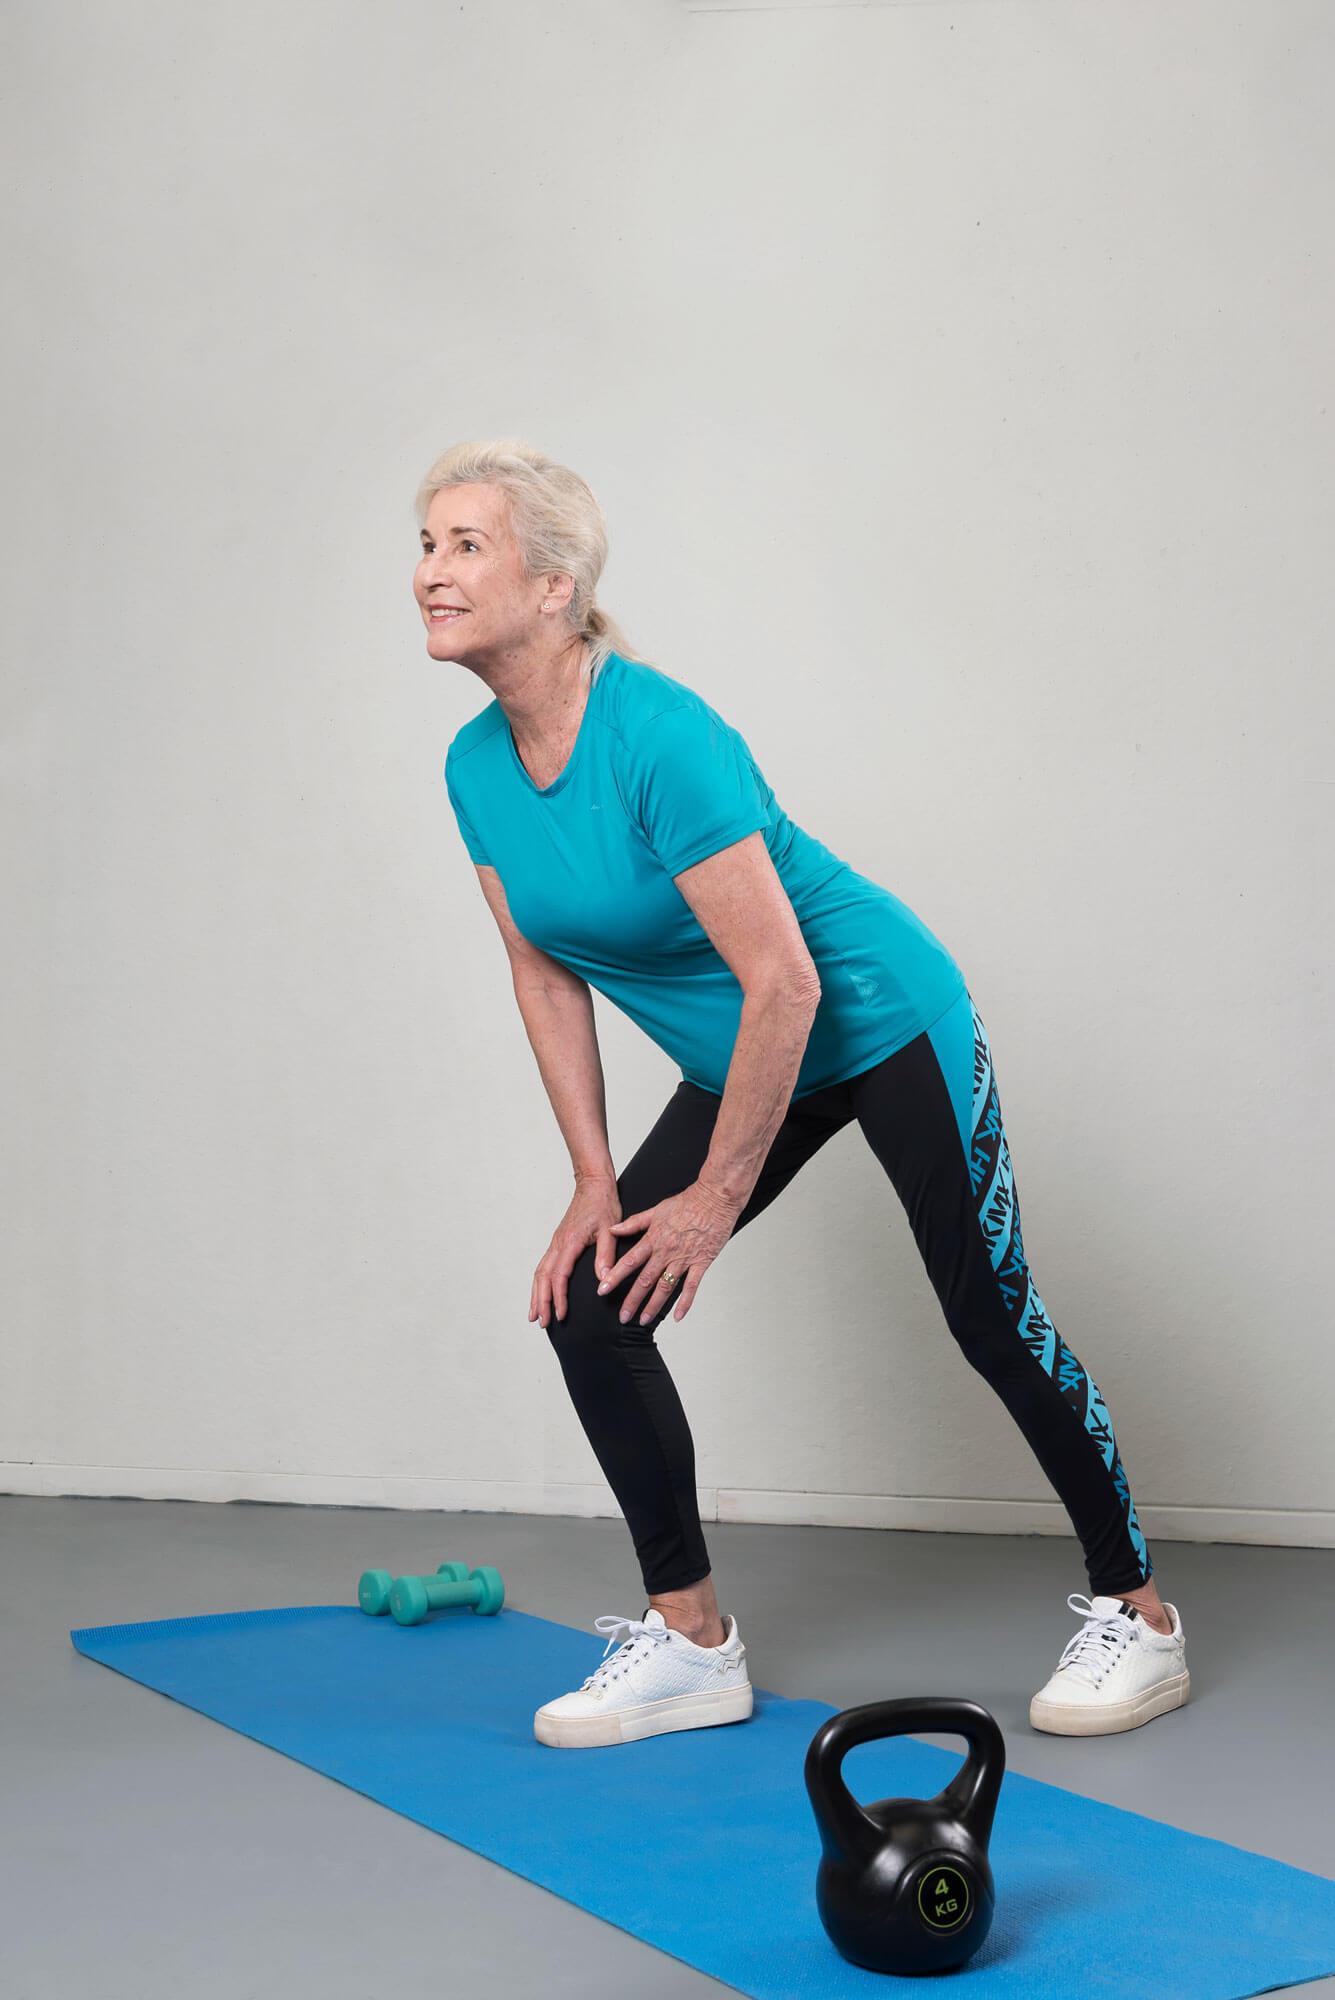 Anne blauwe sportoutfit full body